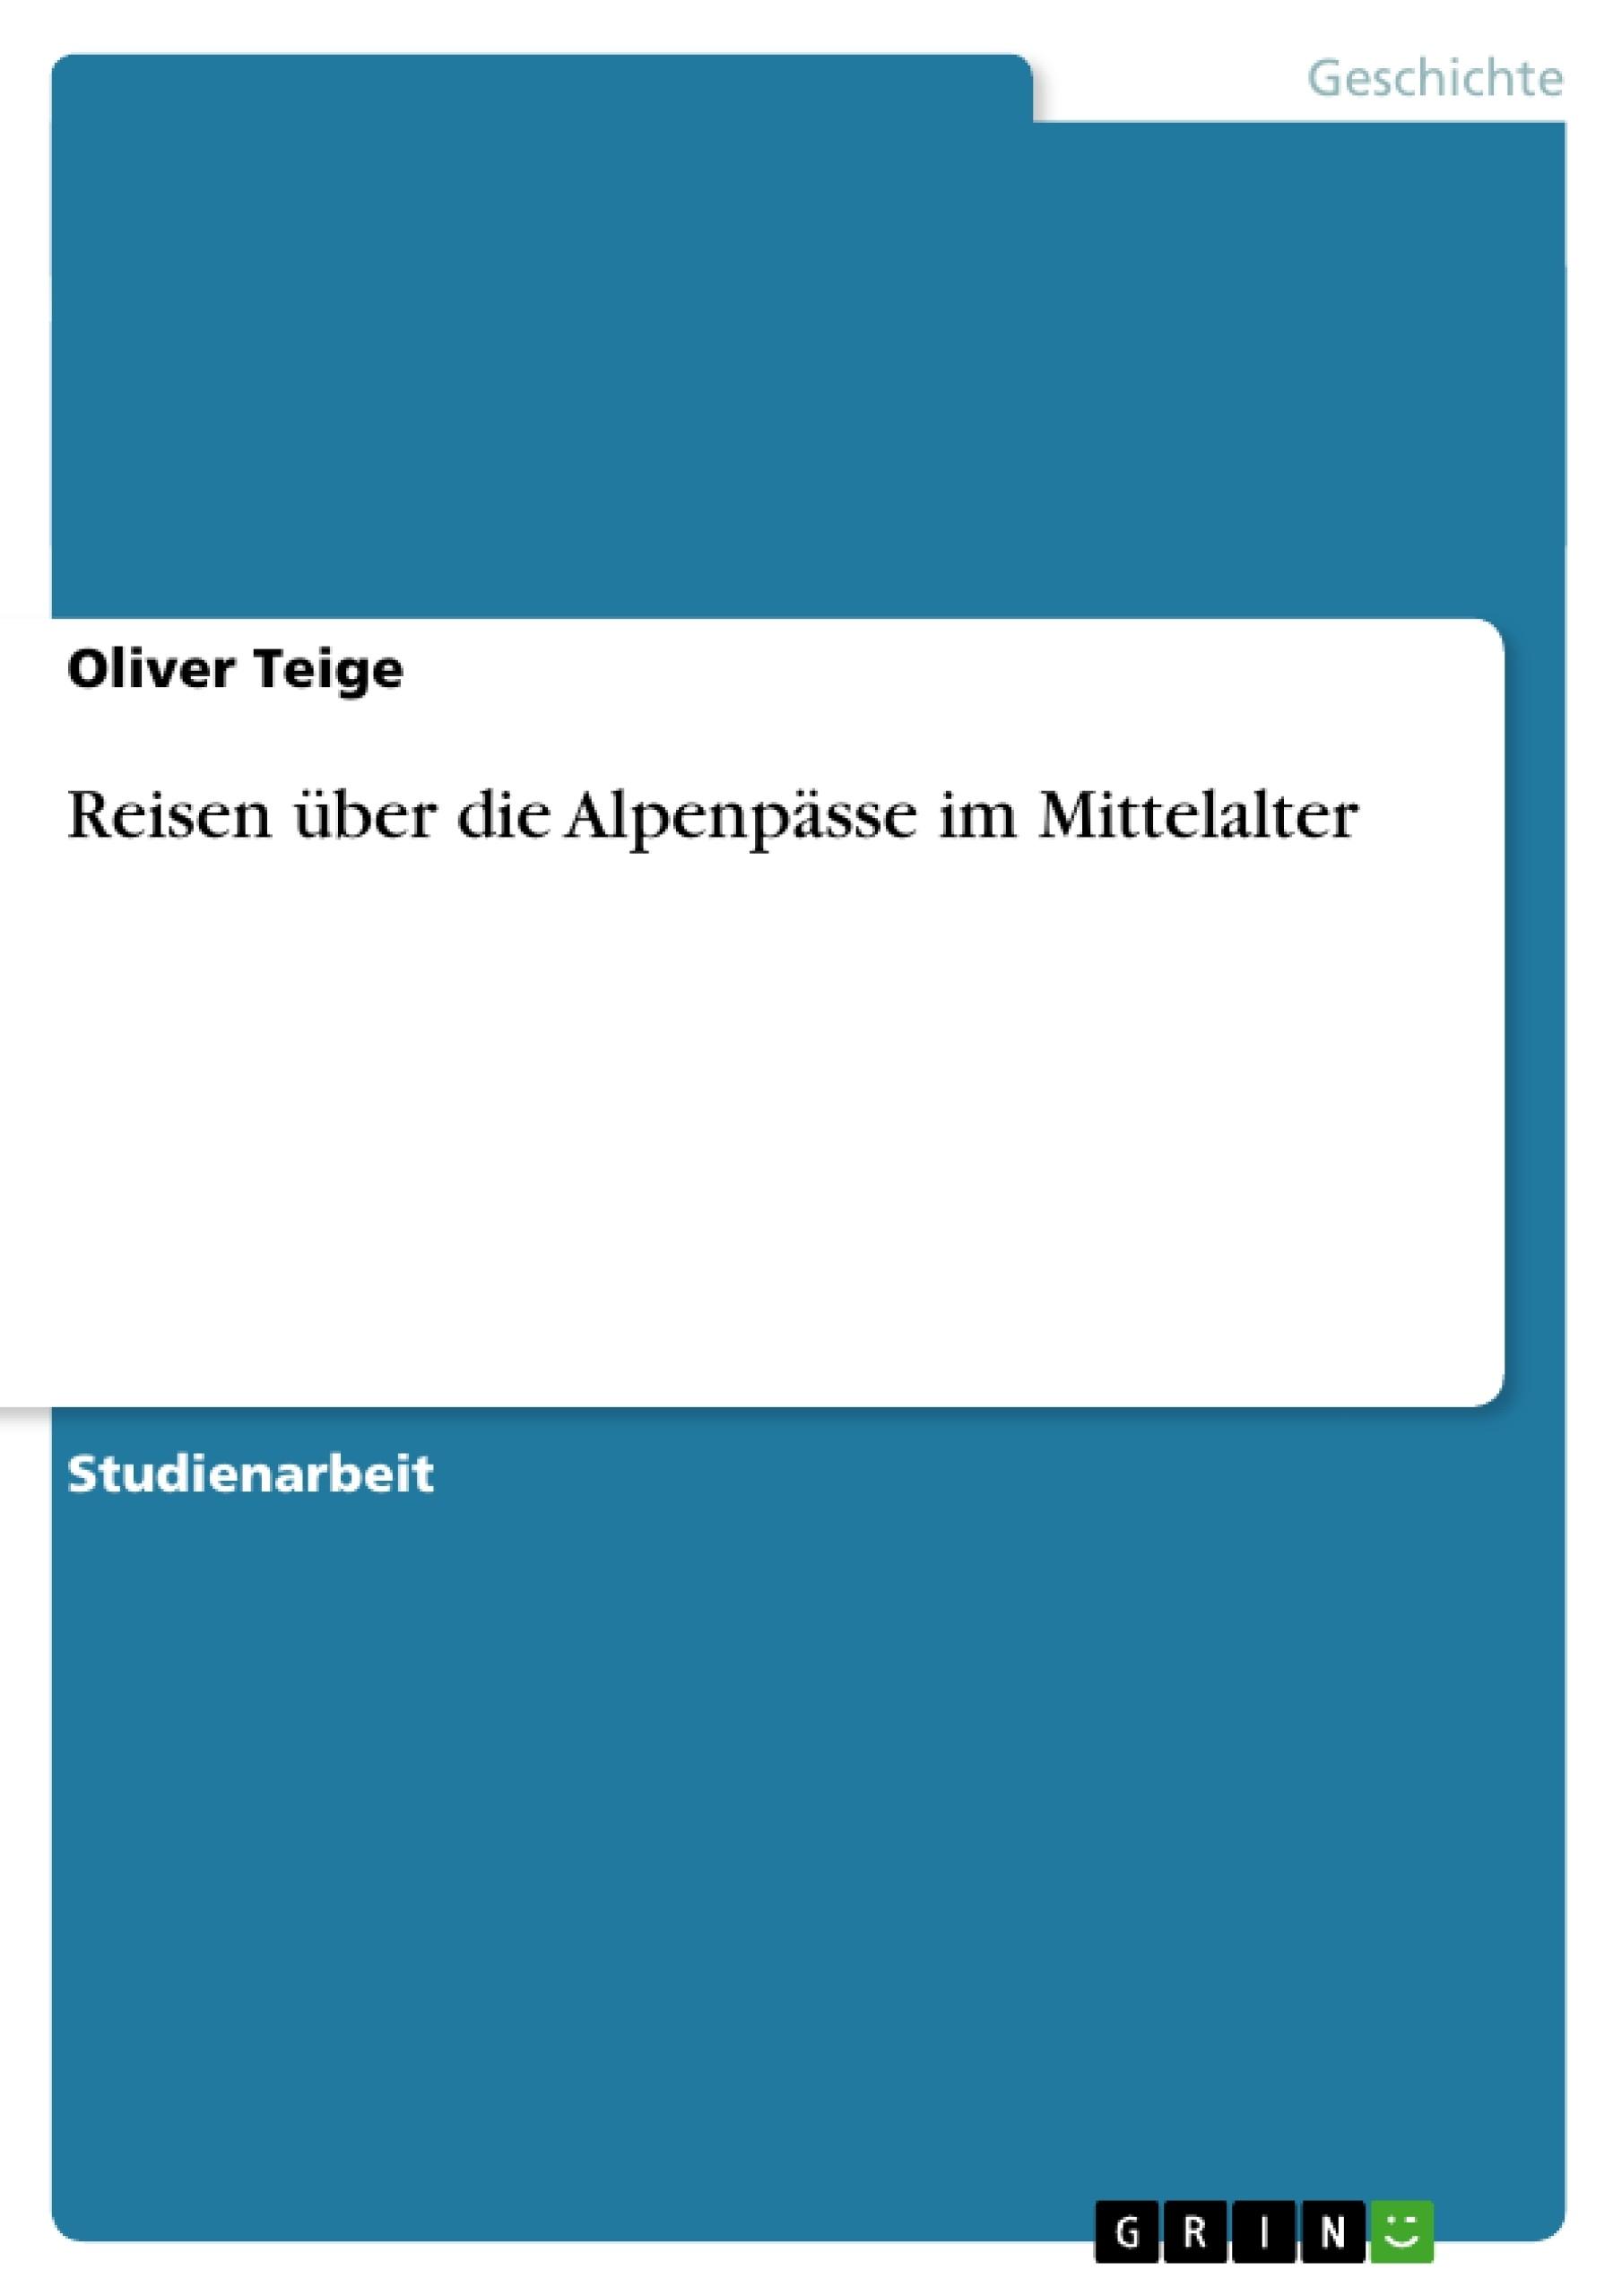 Titel: Reisen über die Alpenpässe im Mittelalter